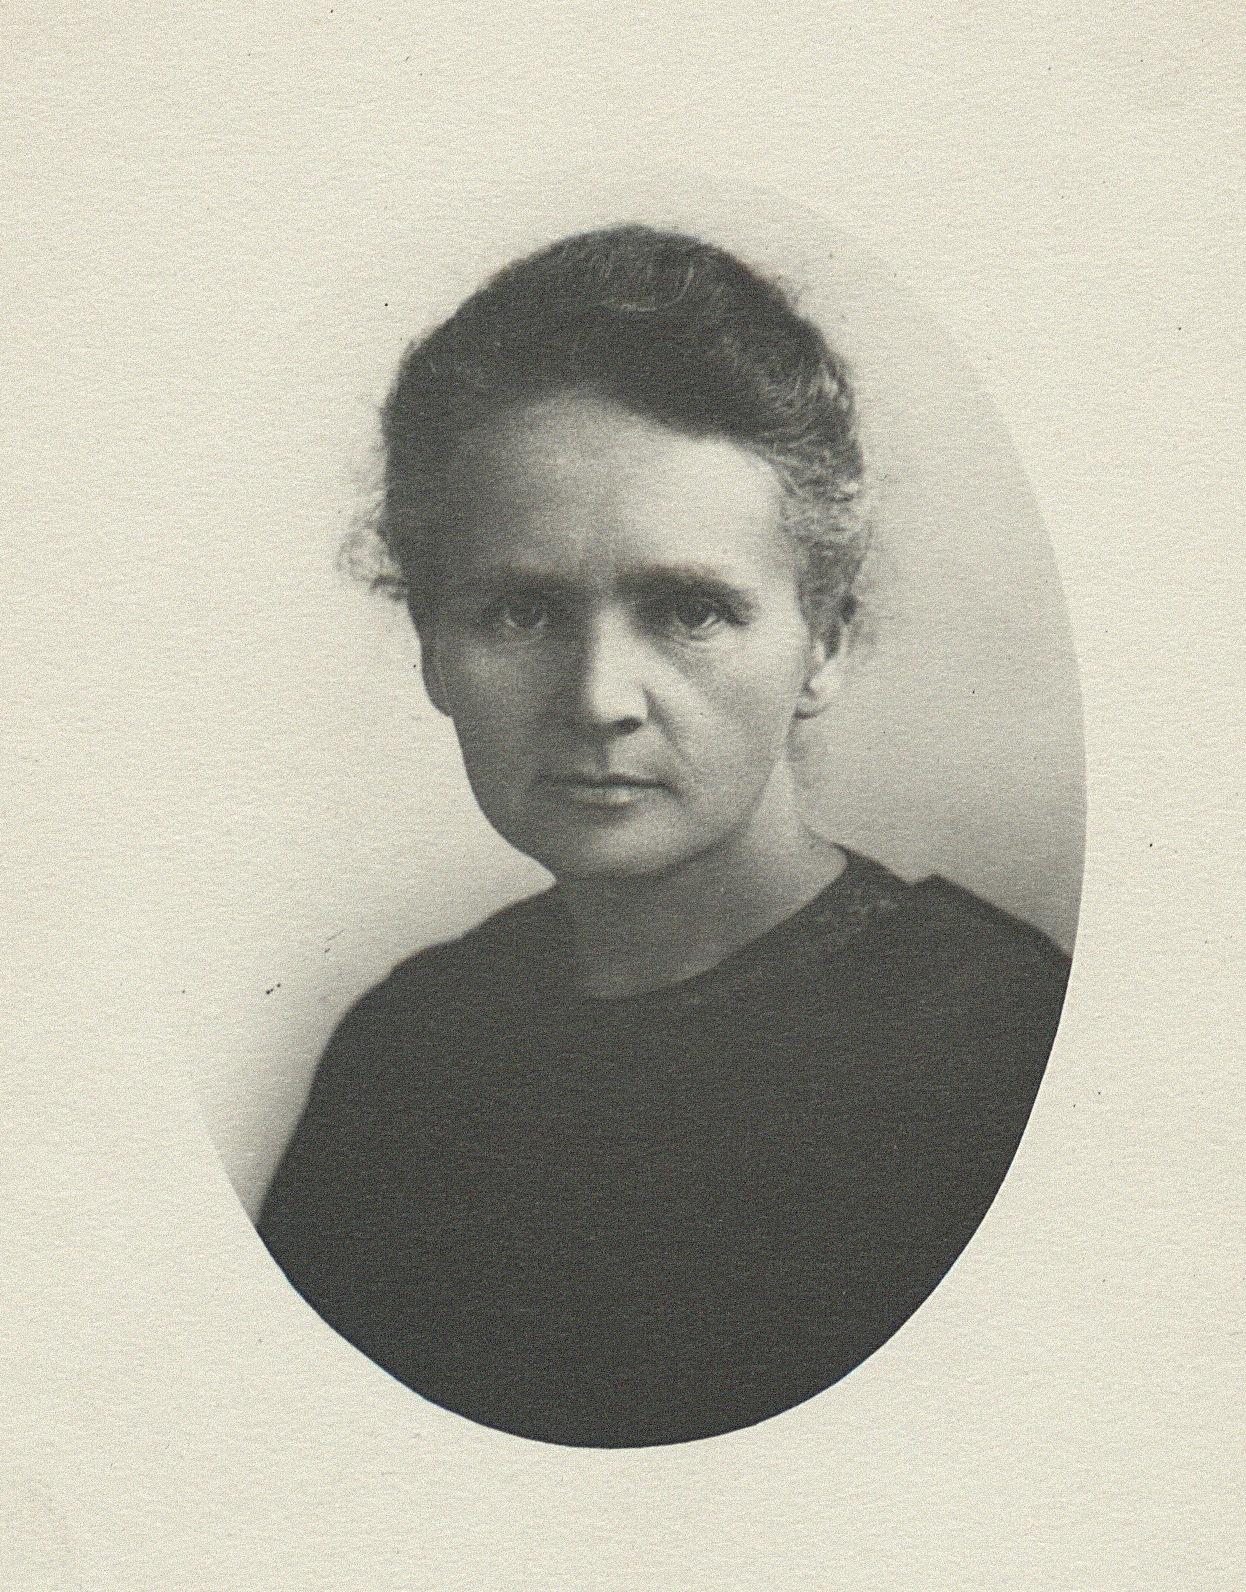 Fotografia portretowa Marii Skłodowskiej-Curie z 1913 roku